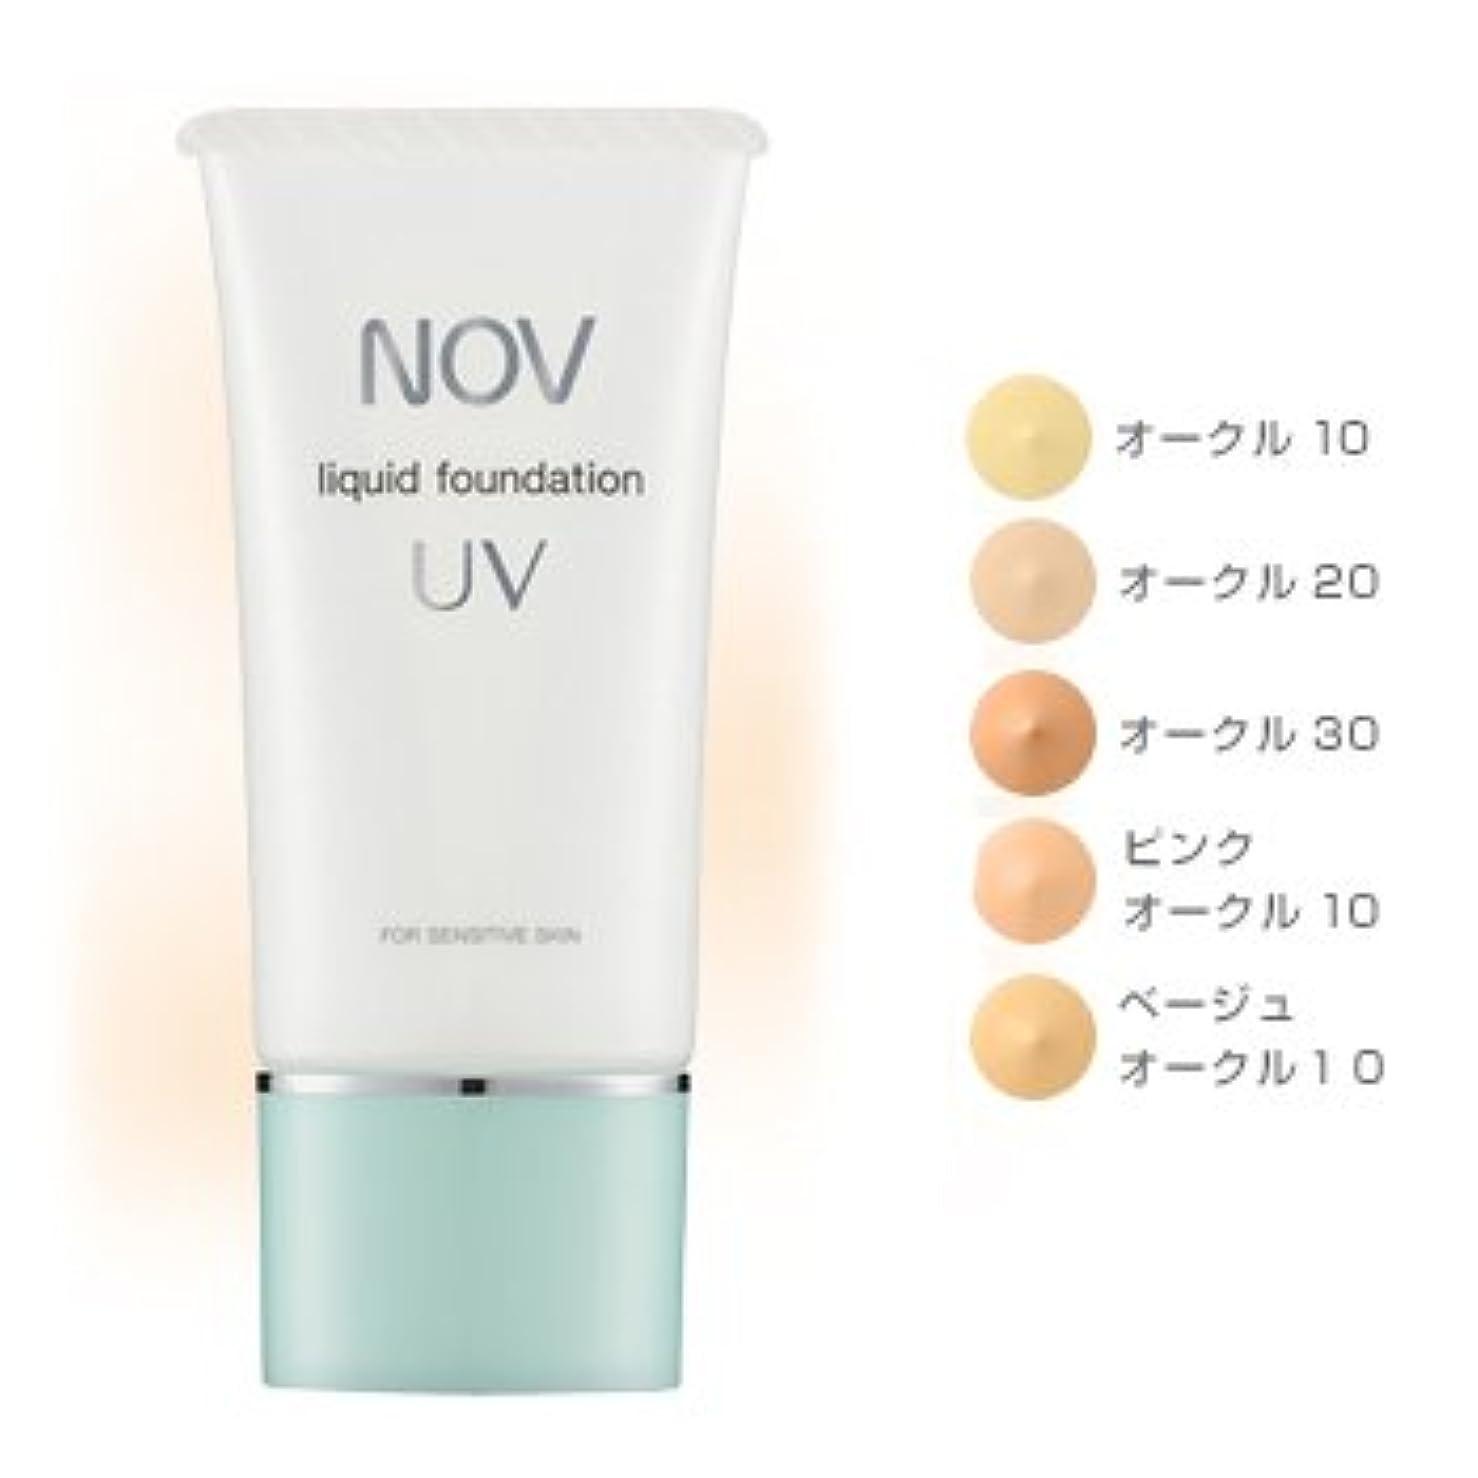 広範囲疎外する時制ノブ リキッドファンデーション UV (オークル10)